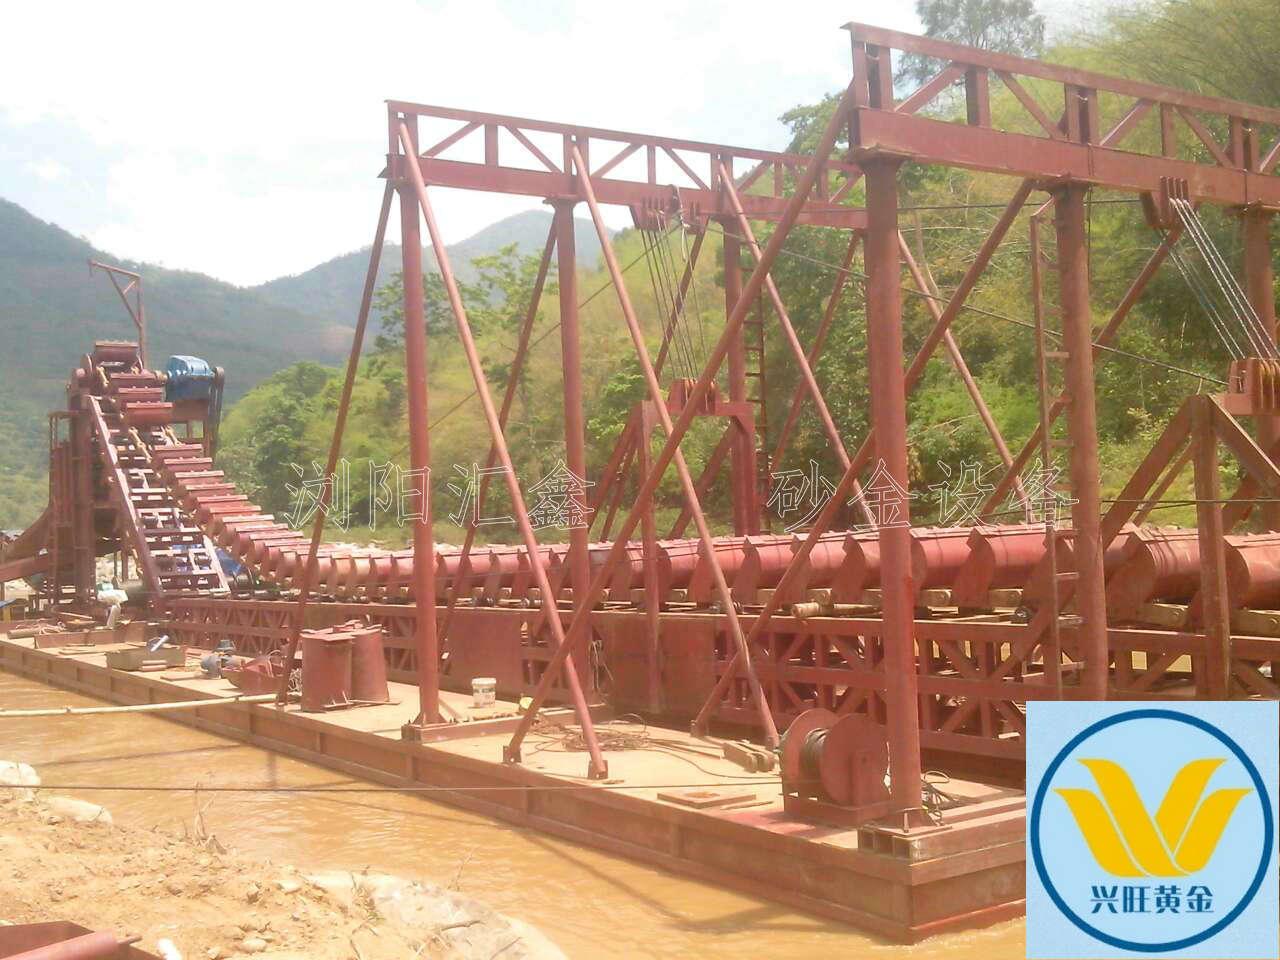 淘金船设备价格,小型淘金机,淘金船设备生产厂家